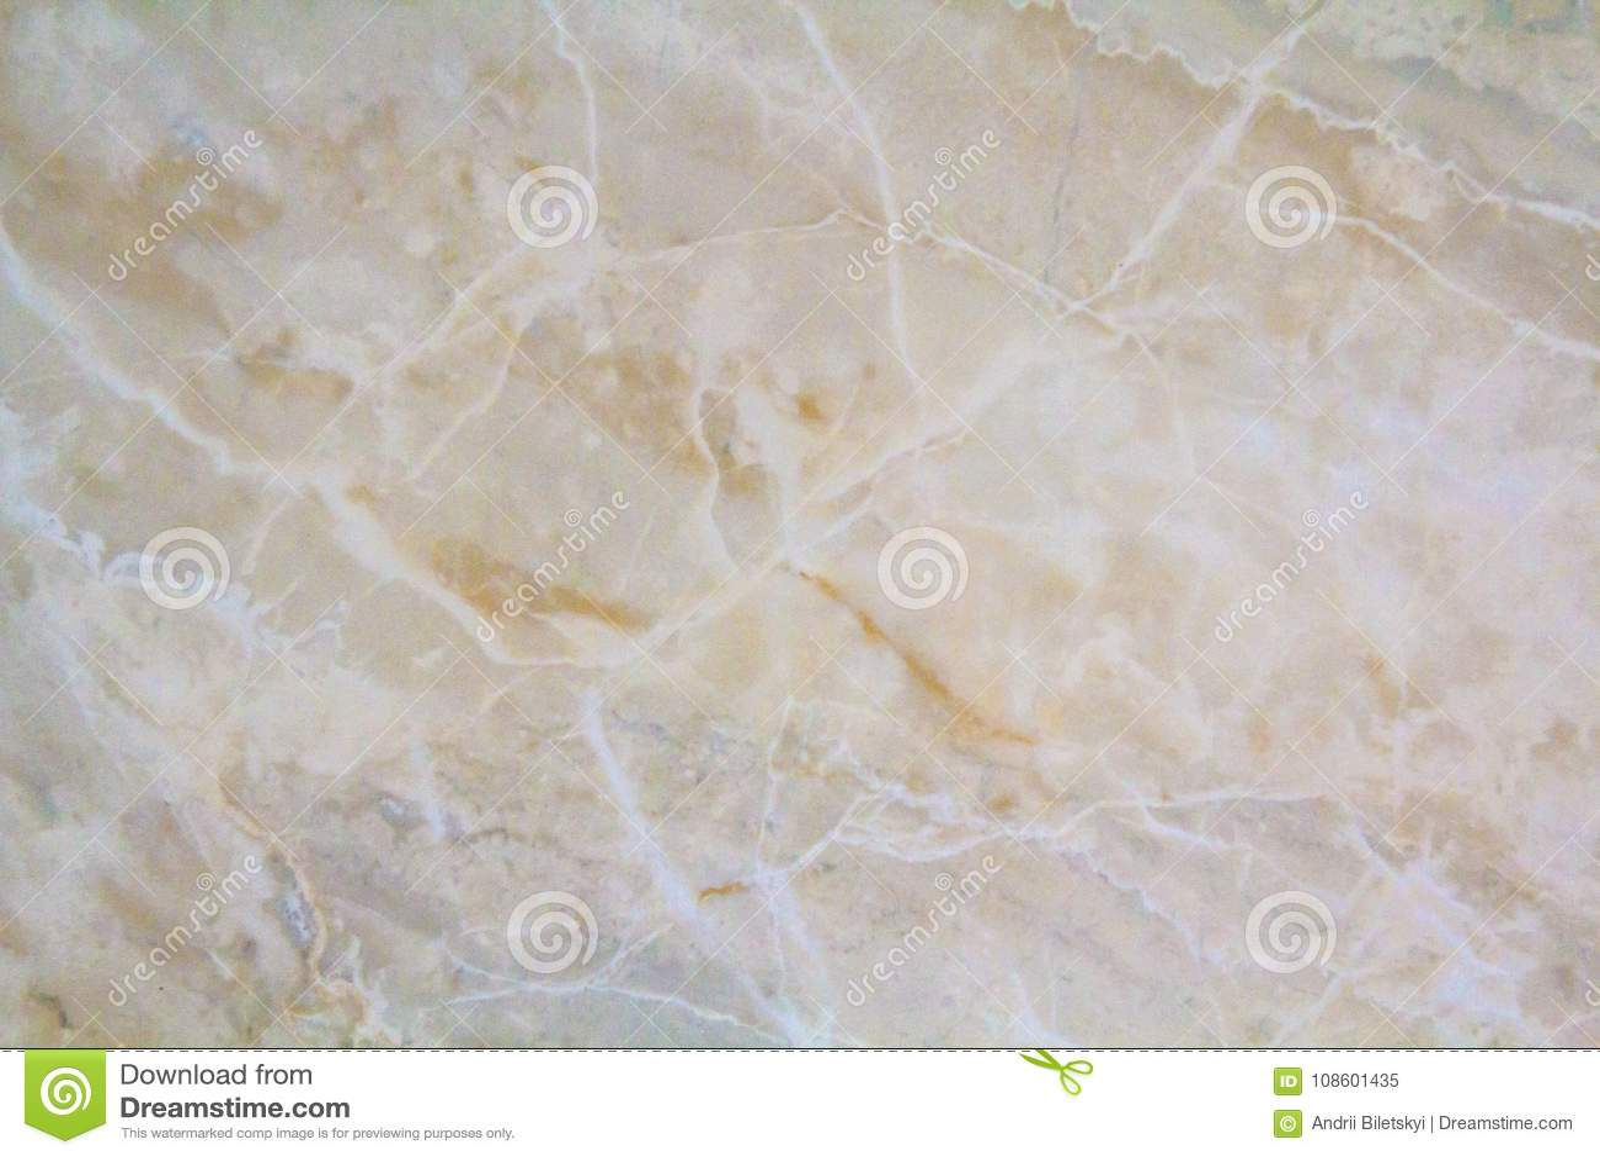 Superfície do close up do teste padrão de mármore nos vagabundos de mármore da textura do assoalho